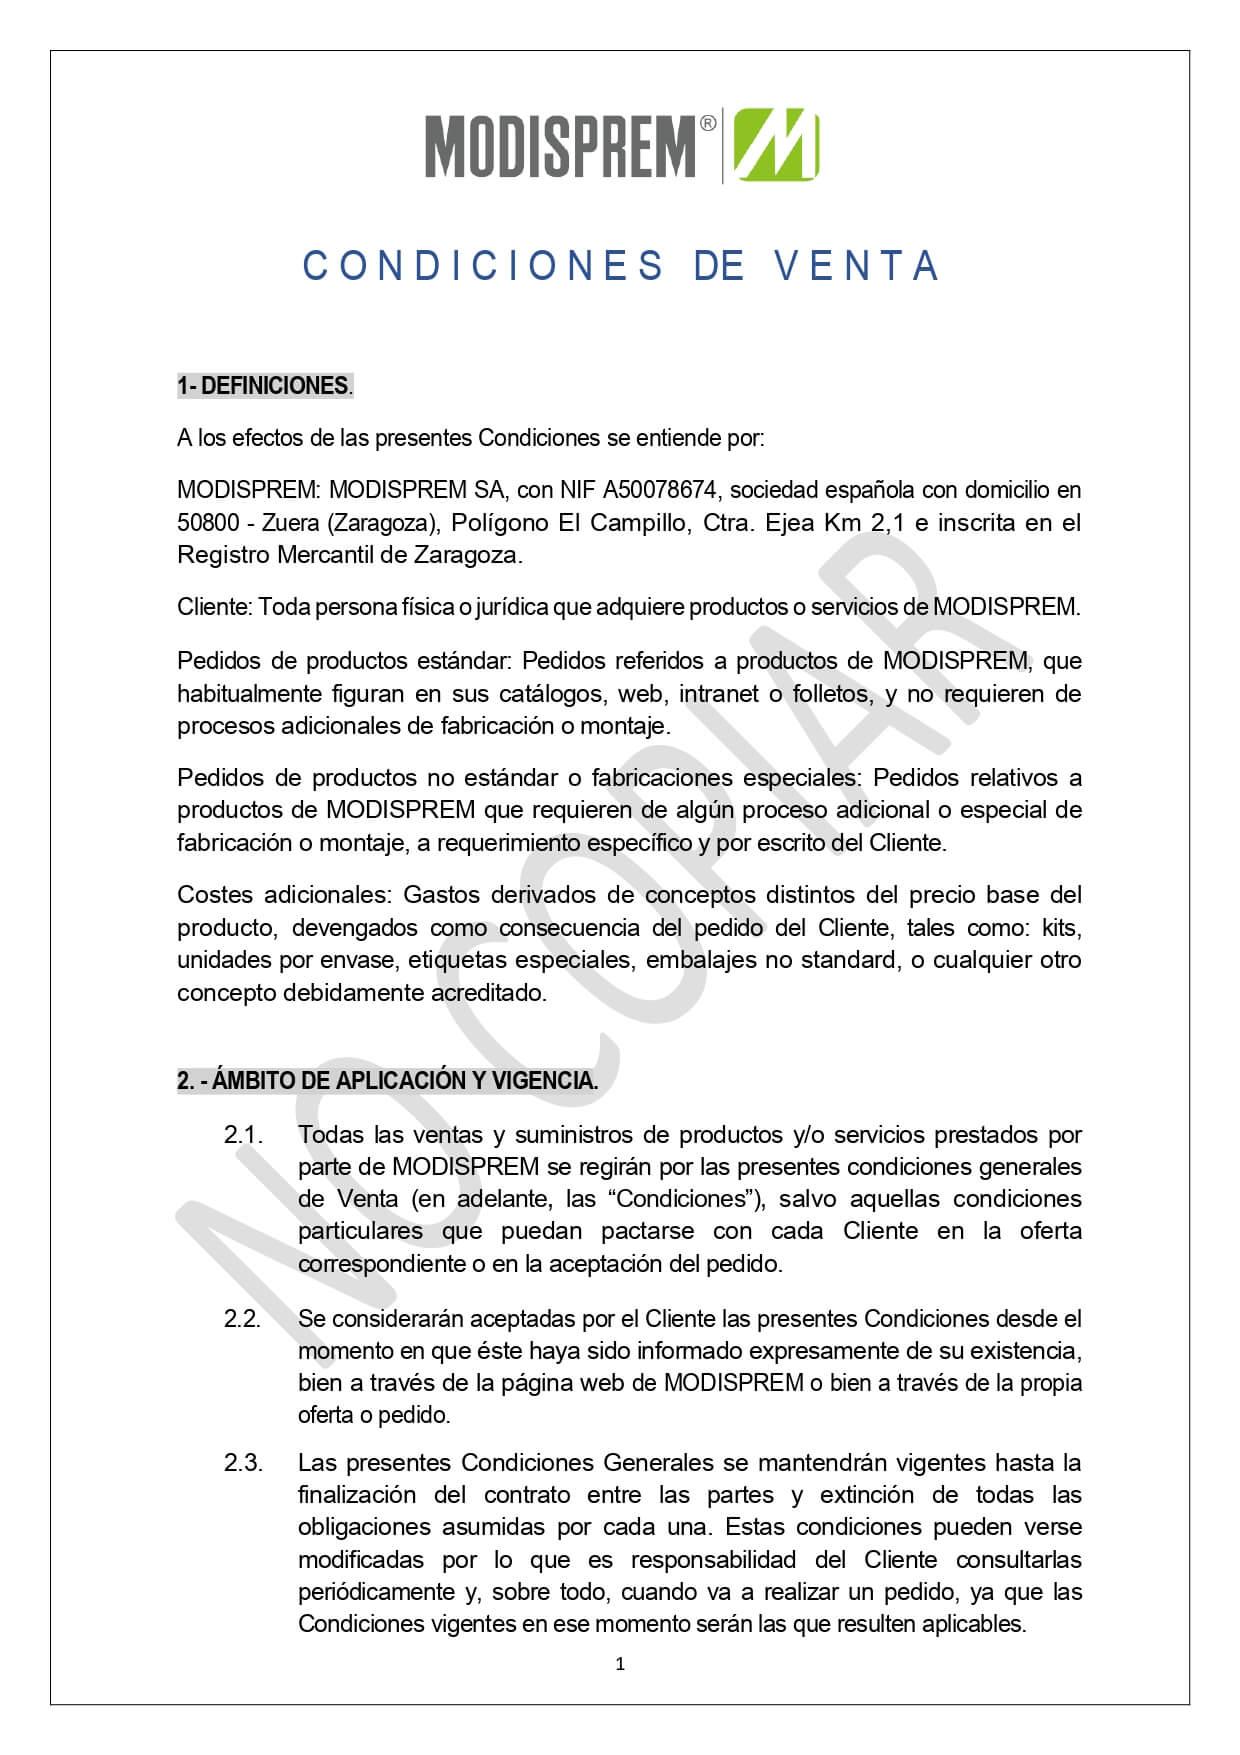 Condiciones Generales Venta page 0001